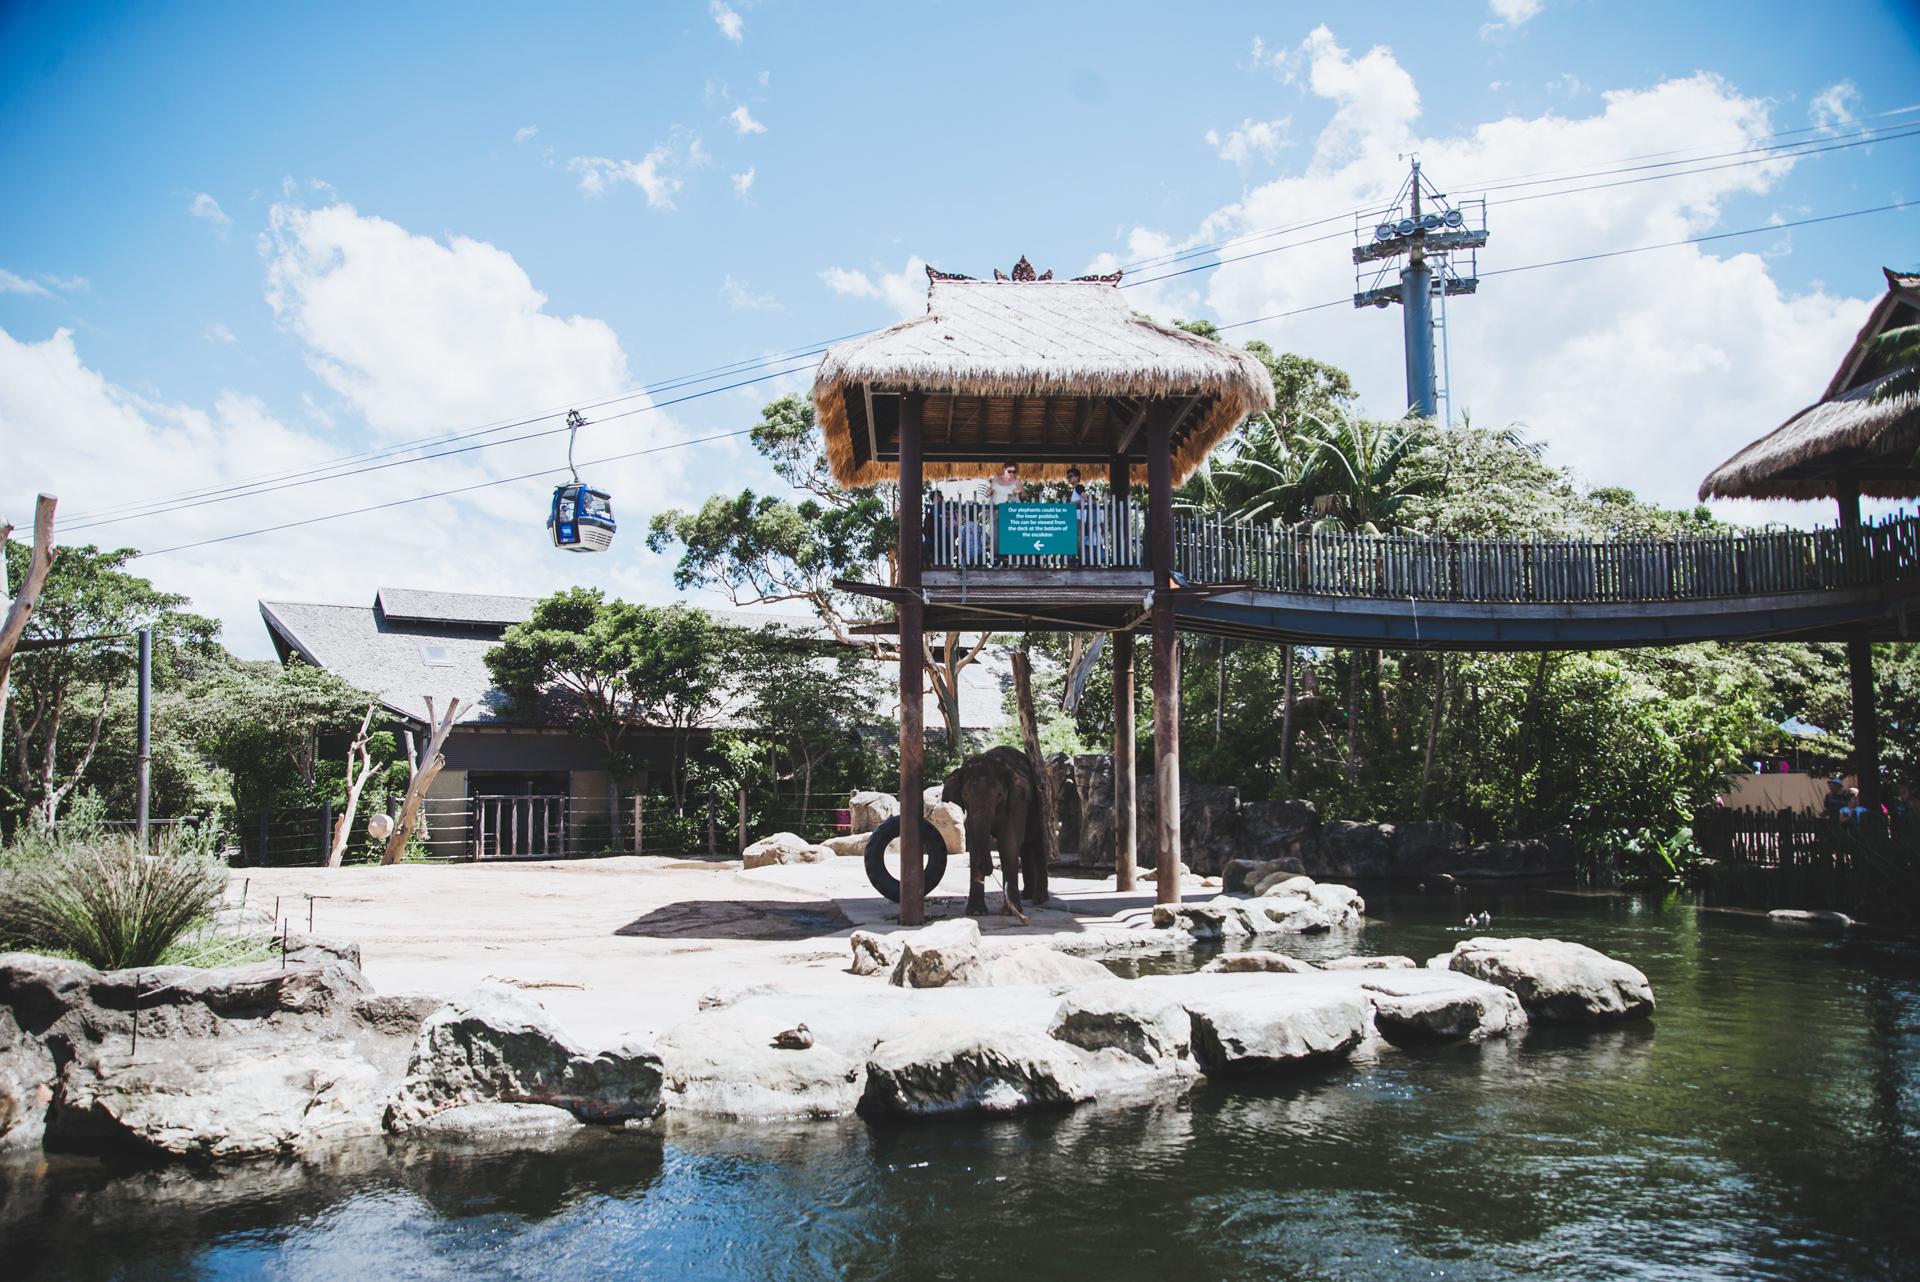 sydney zoo kolejka linowa